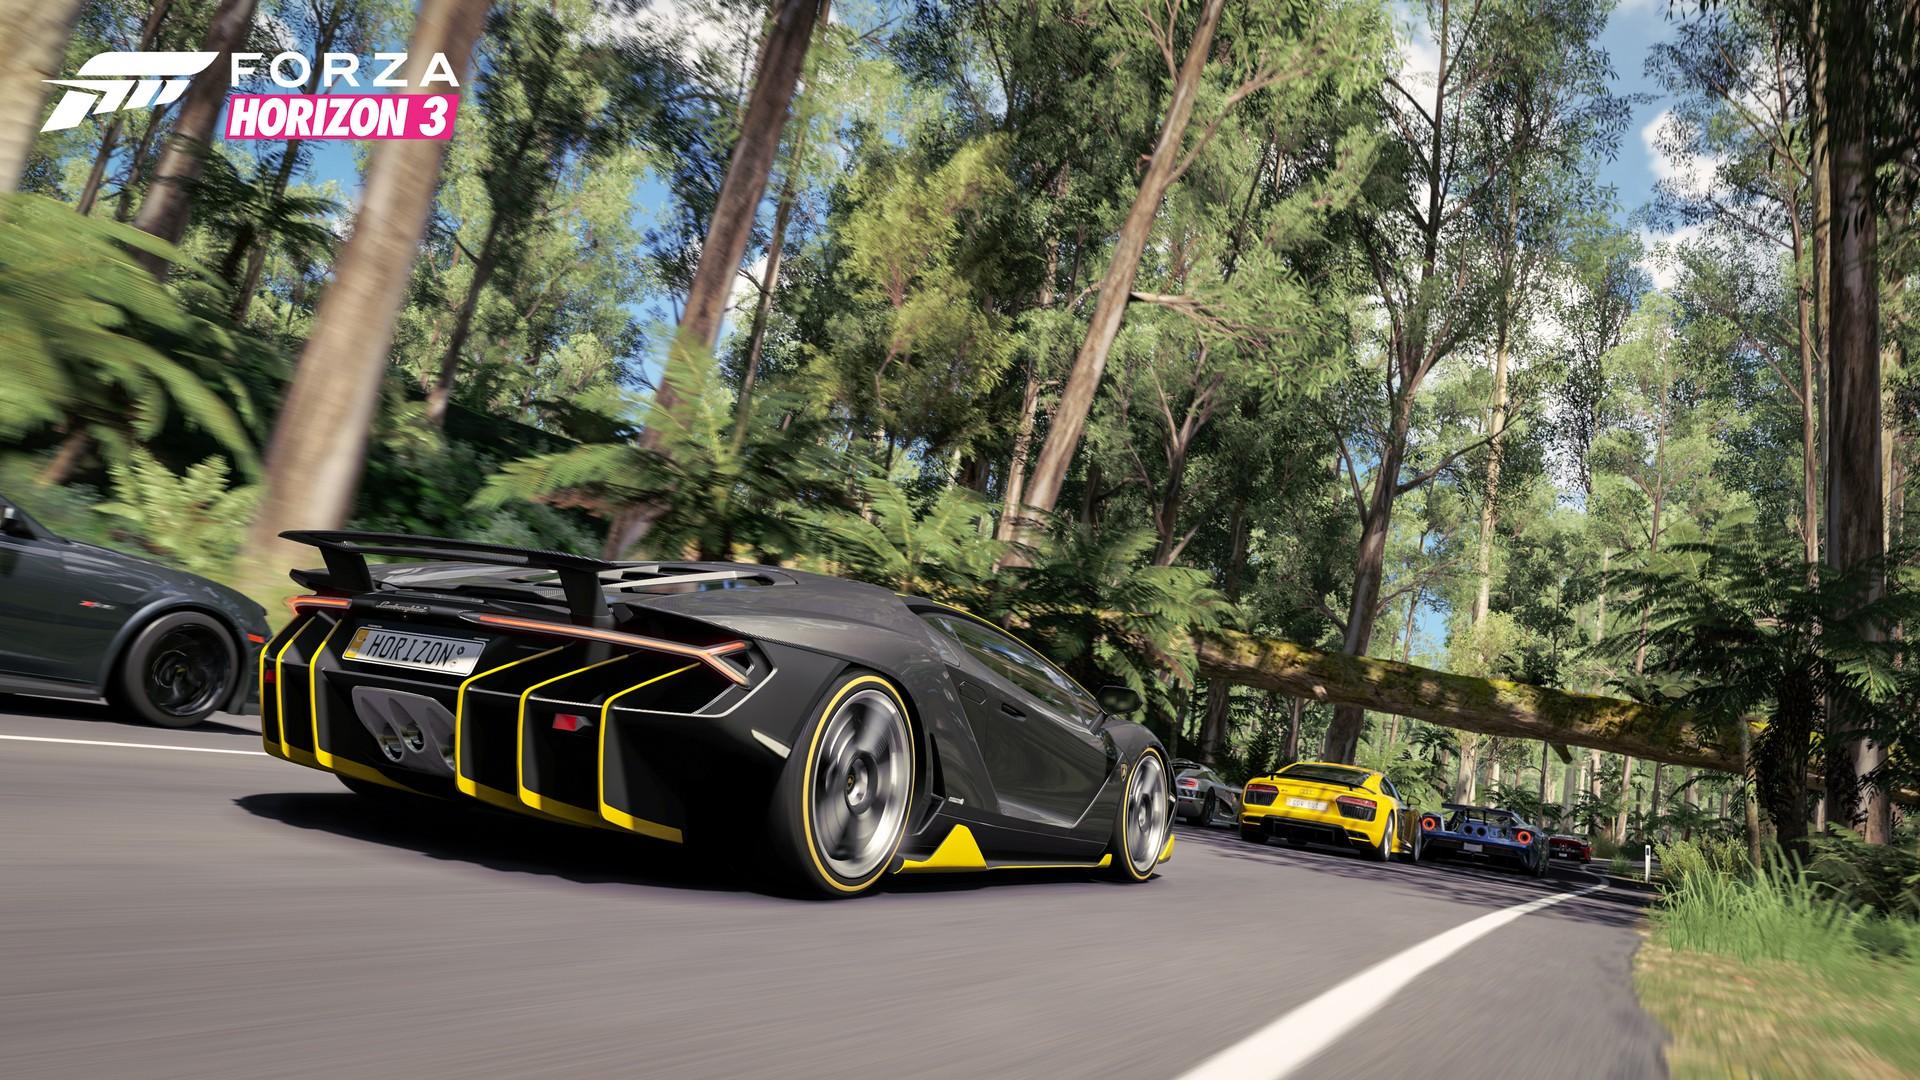 Jungle Road in Forza Horizon 3